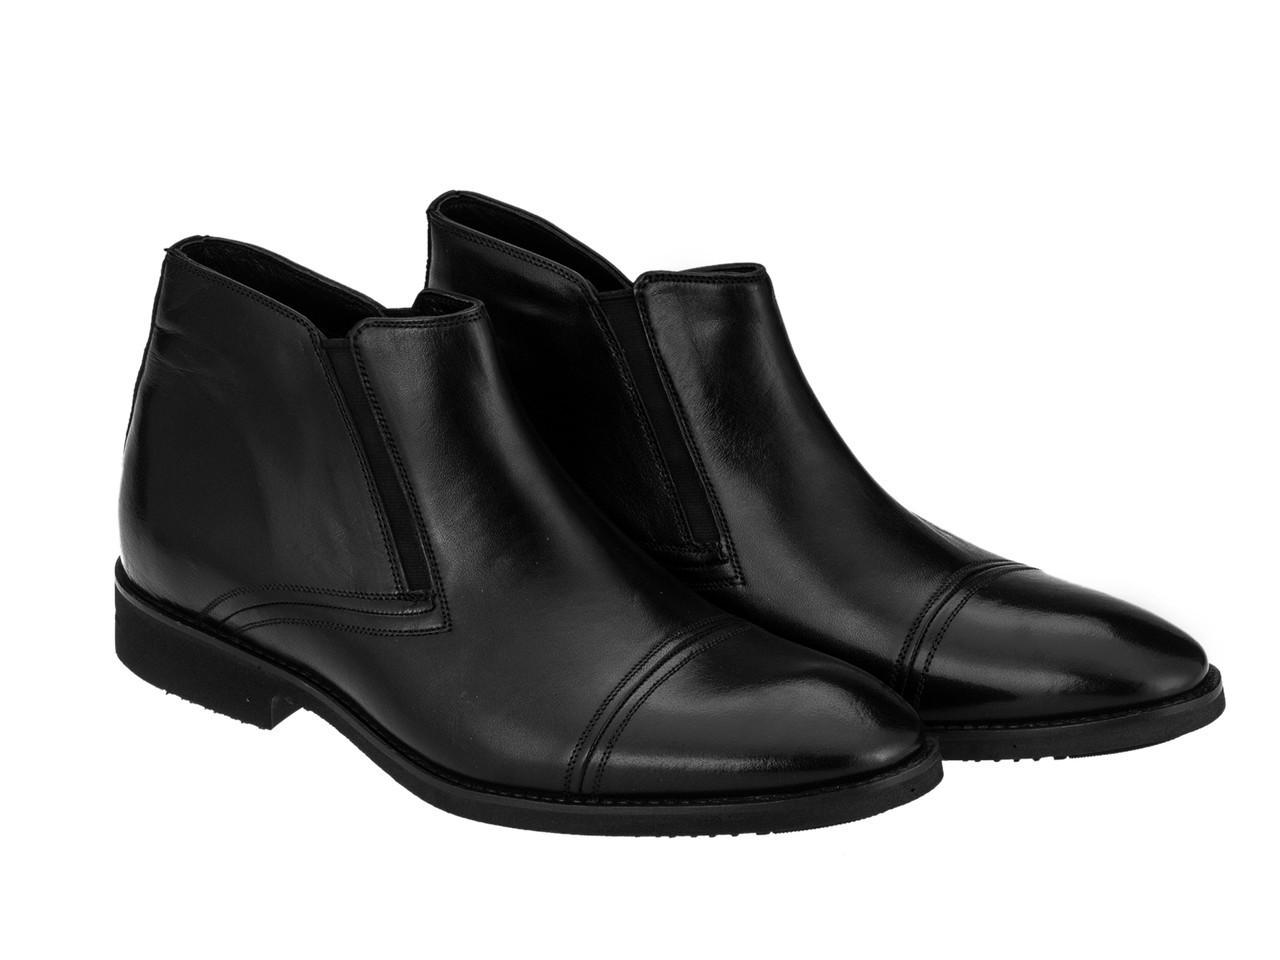 Ботинки Etor 14008-011-354 43 черные